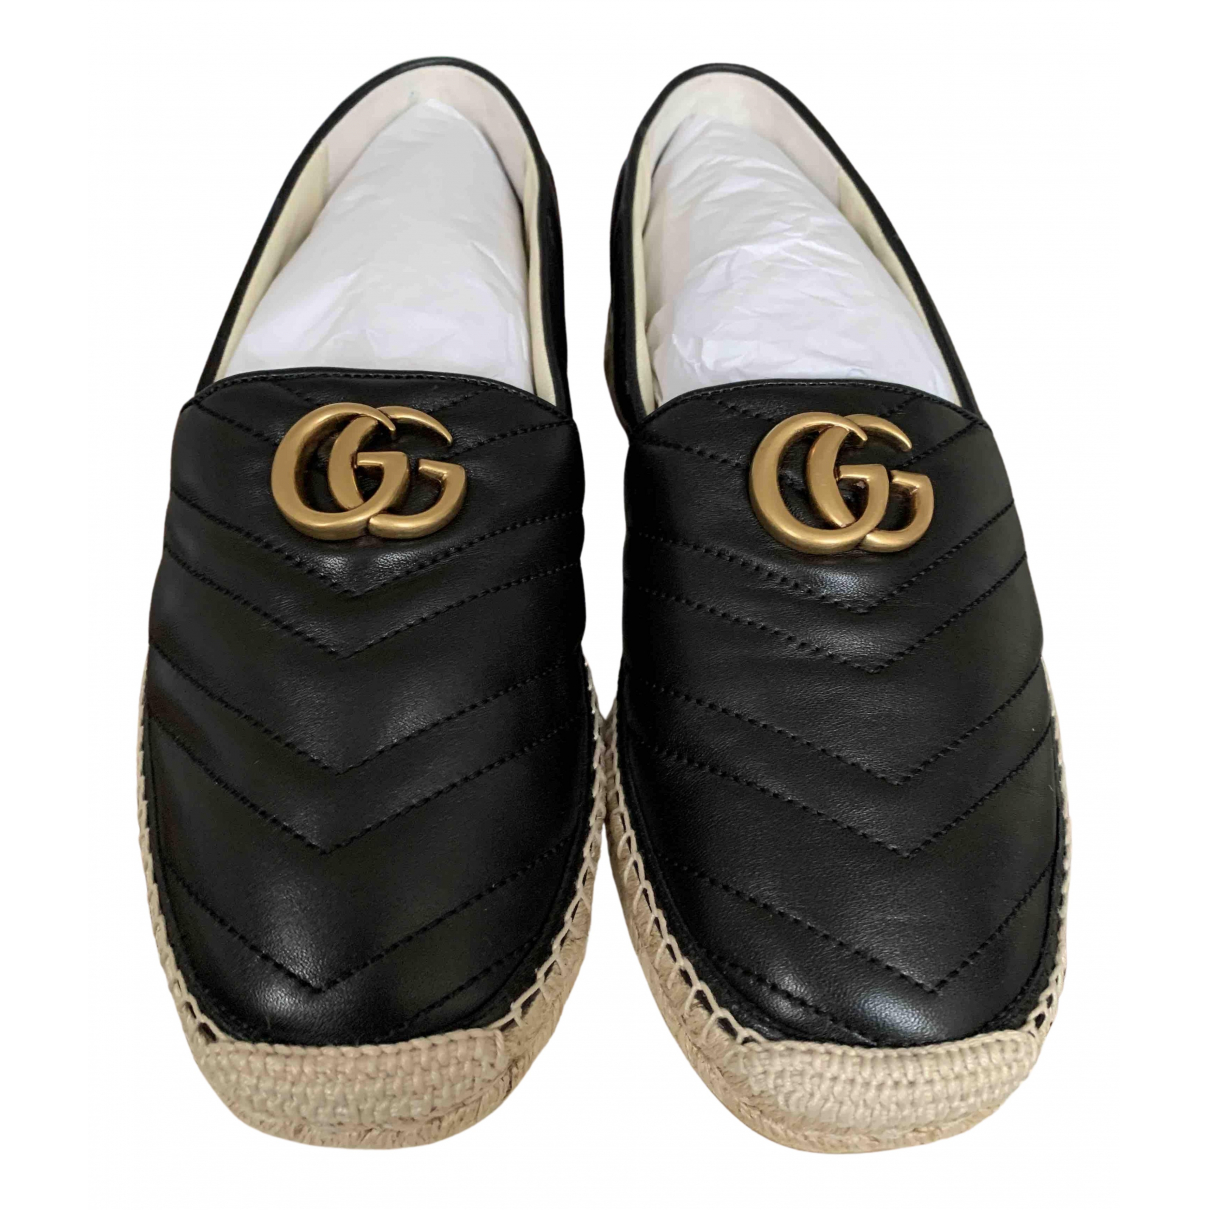 Gucci \N Espadrilles in  Schwarz Leder